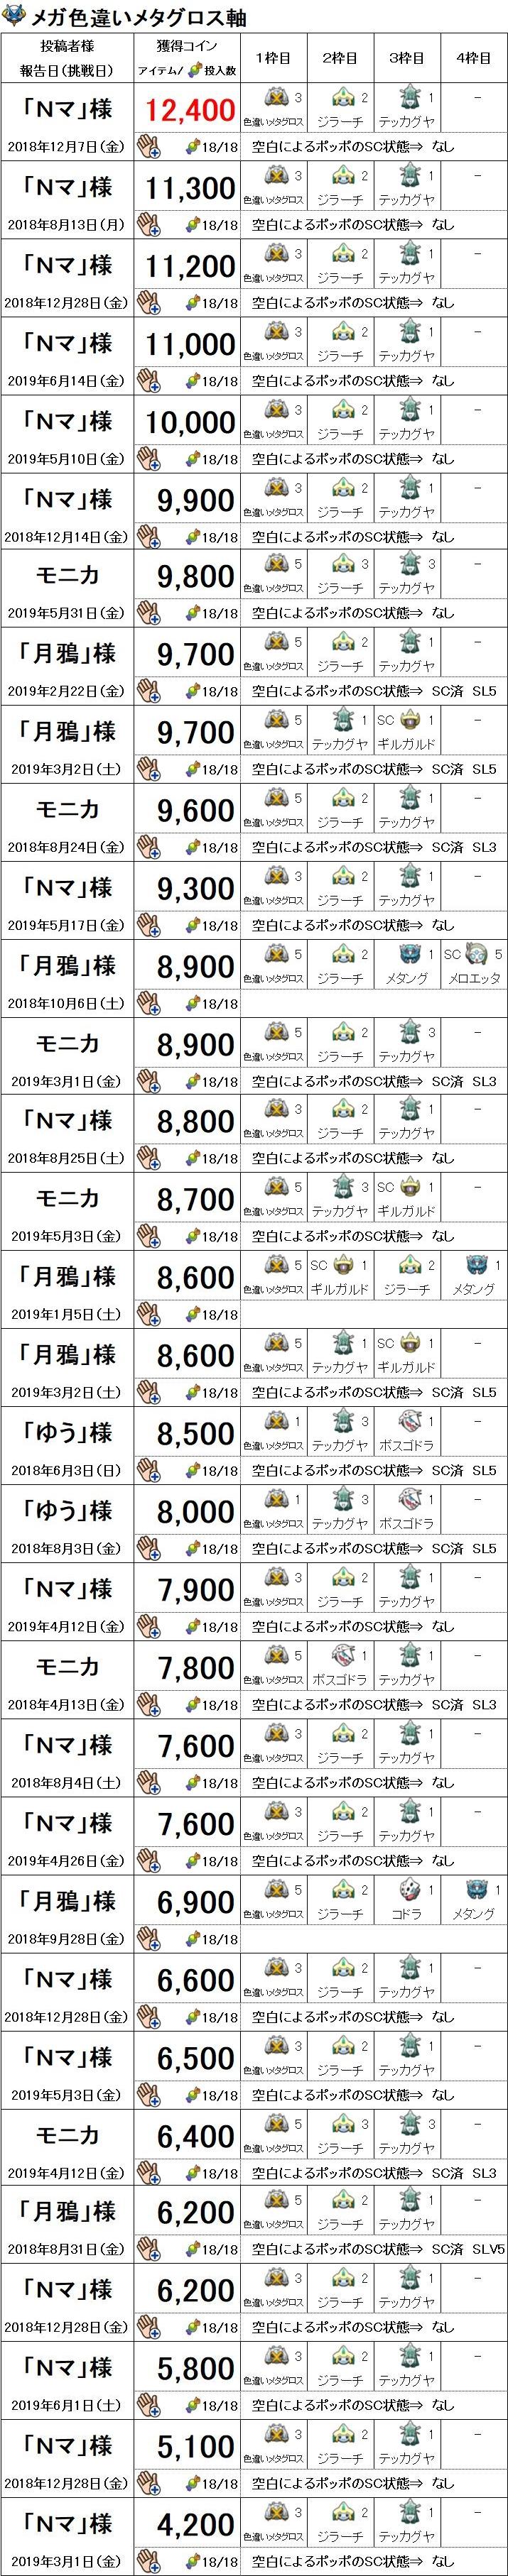 イベントニャースメガ色違いメタグロス軸6月14日